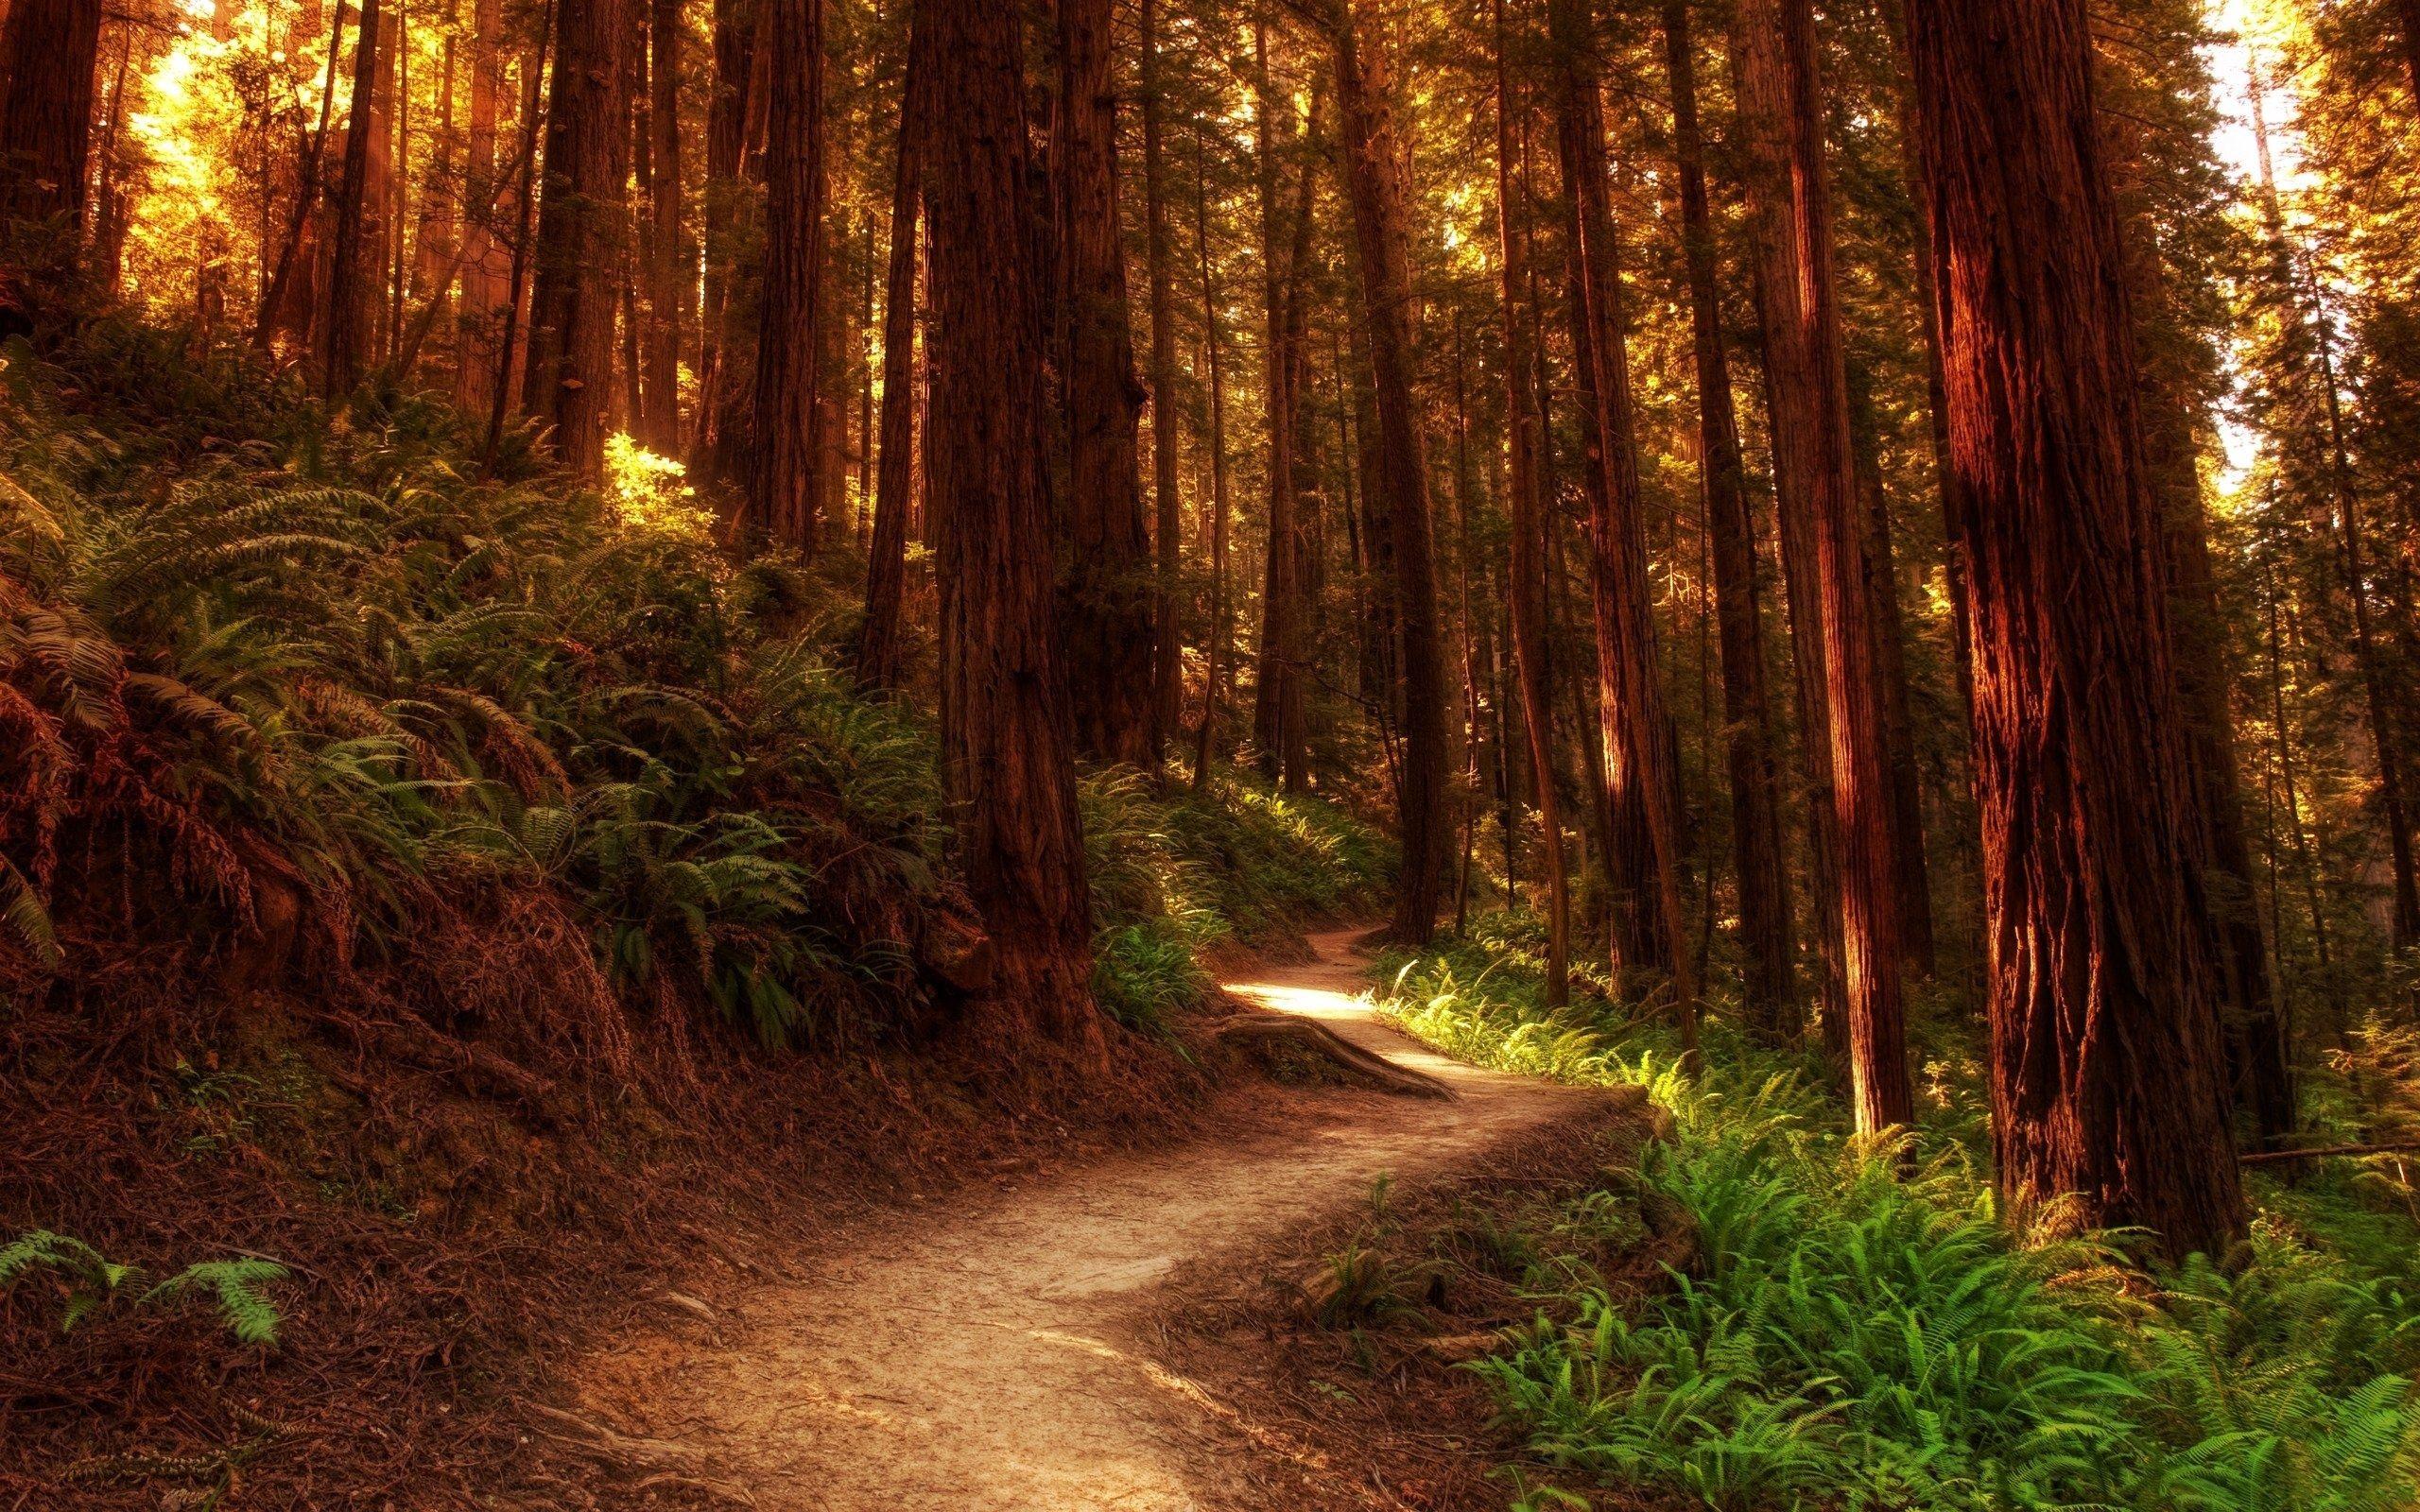 143767 Hintergrundbild herunterladen Natur, Bäume, Farne, Wald, Farbe, Pfad, Farben, Koffer, Trunks, Weg - Bildschirmschoner und Bilder kostenlos